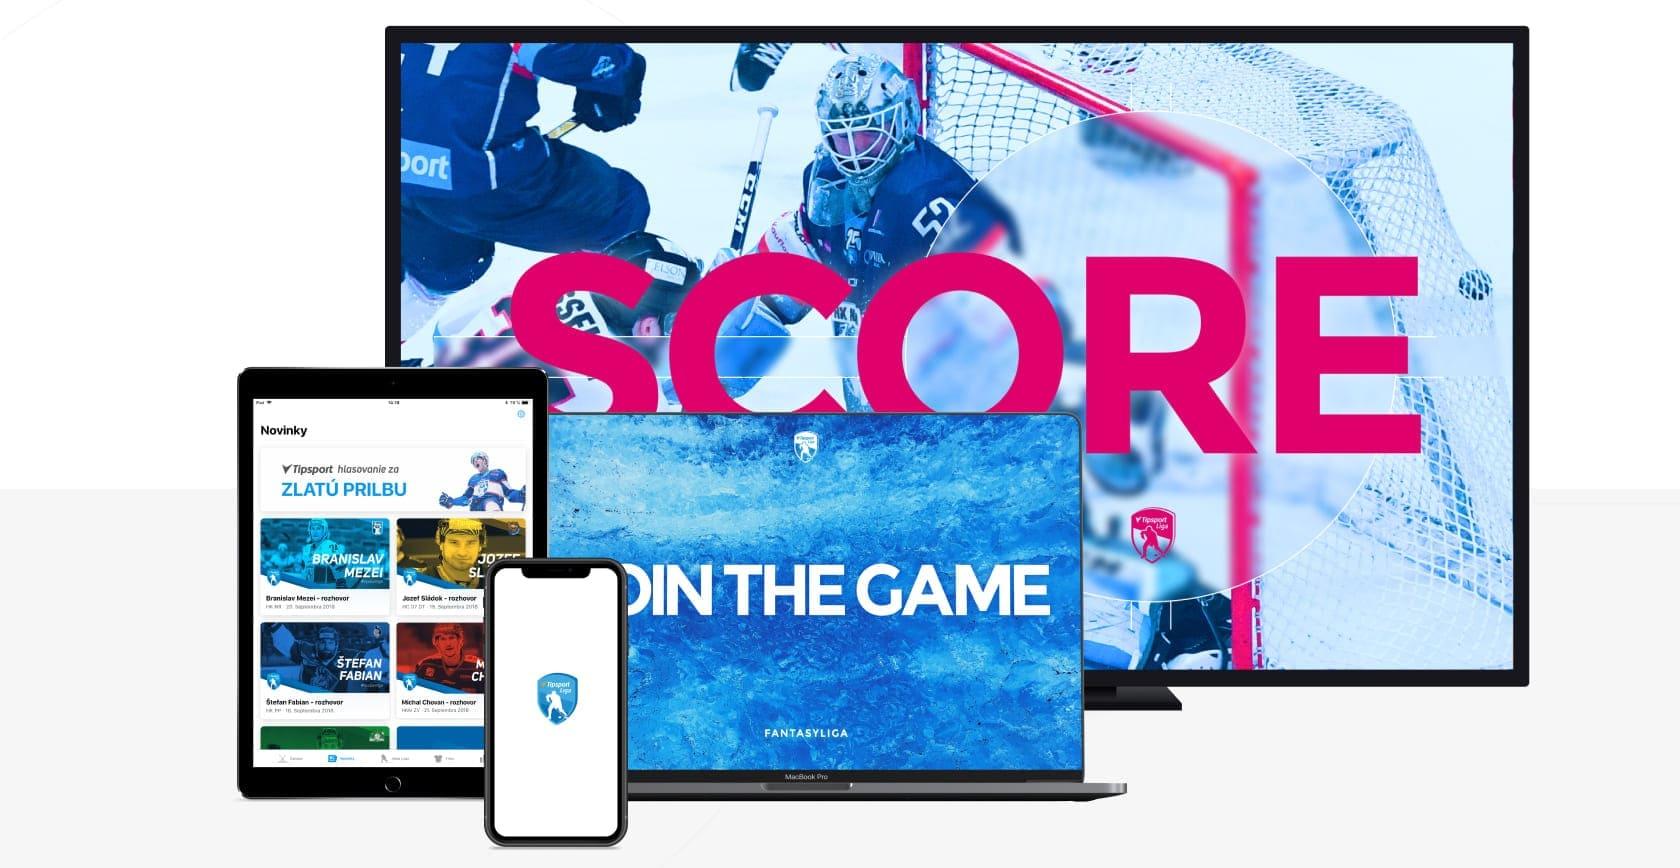 vyvoj webojvej a mobilnej aplikacie pre najvacsiu slovensku ligu